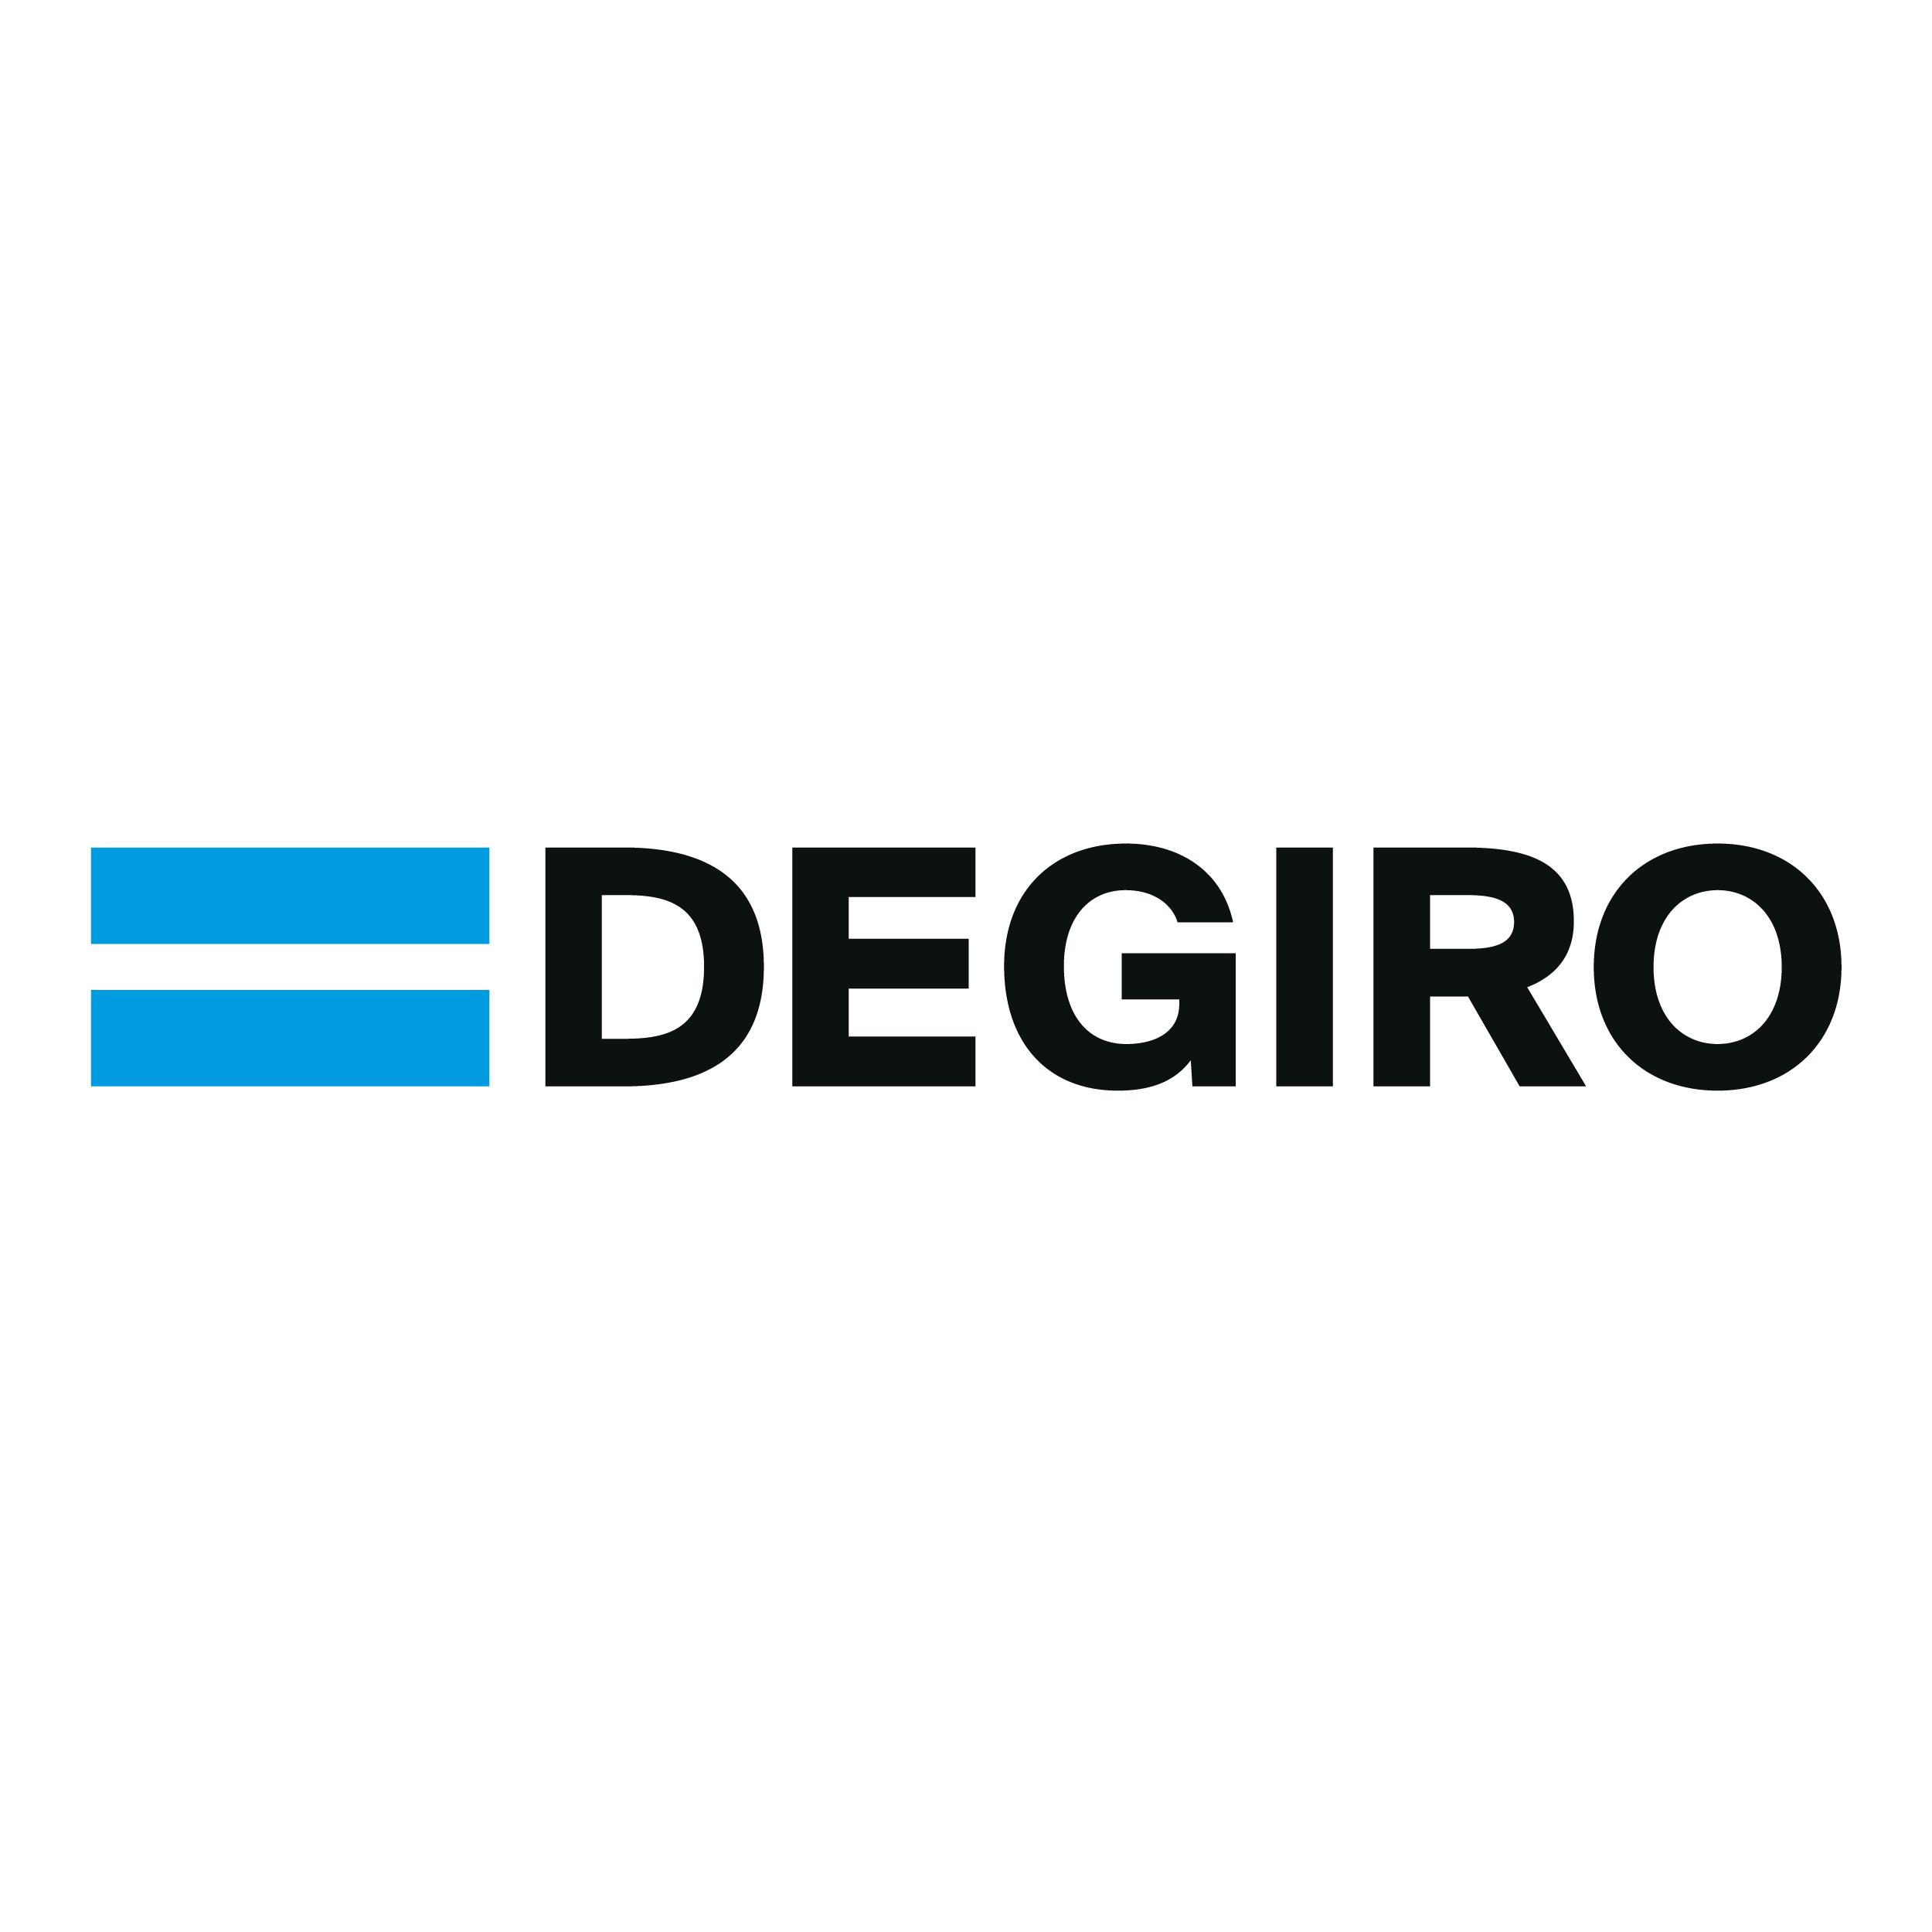 bewertungen von degiro b v kundenbewertungen von lesen. Black Bedroom Furniture Sets. Home Design Ideas